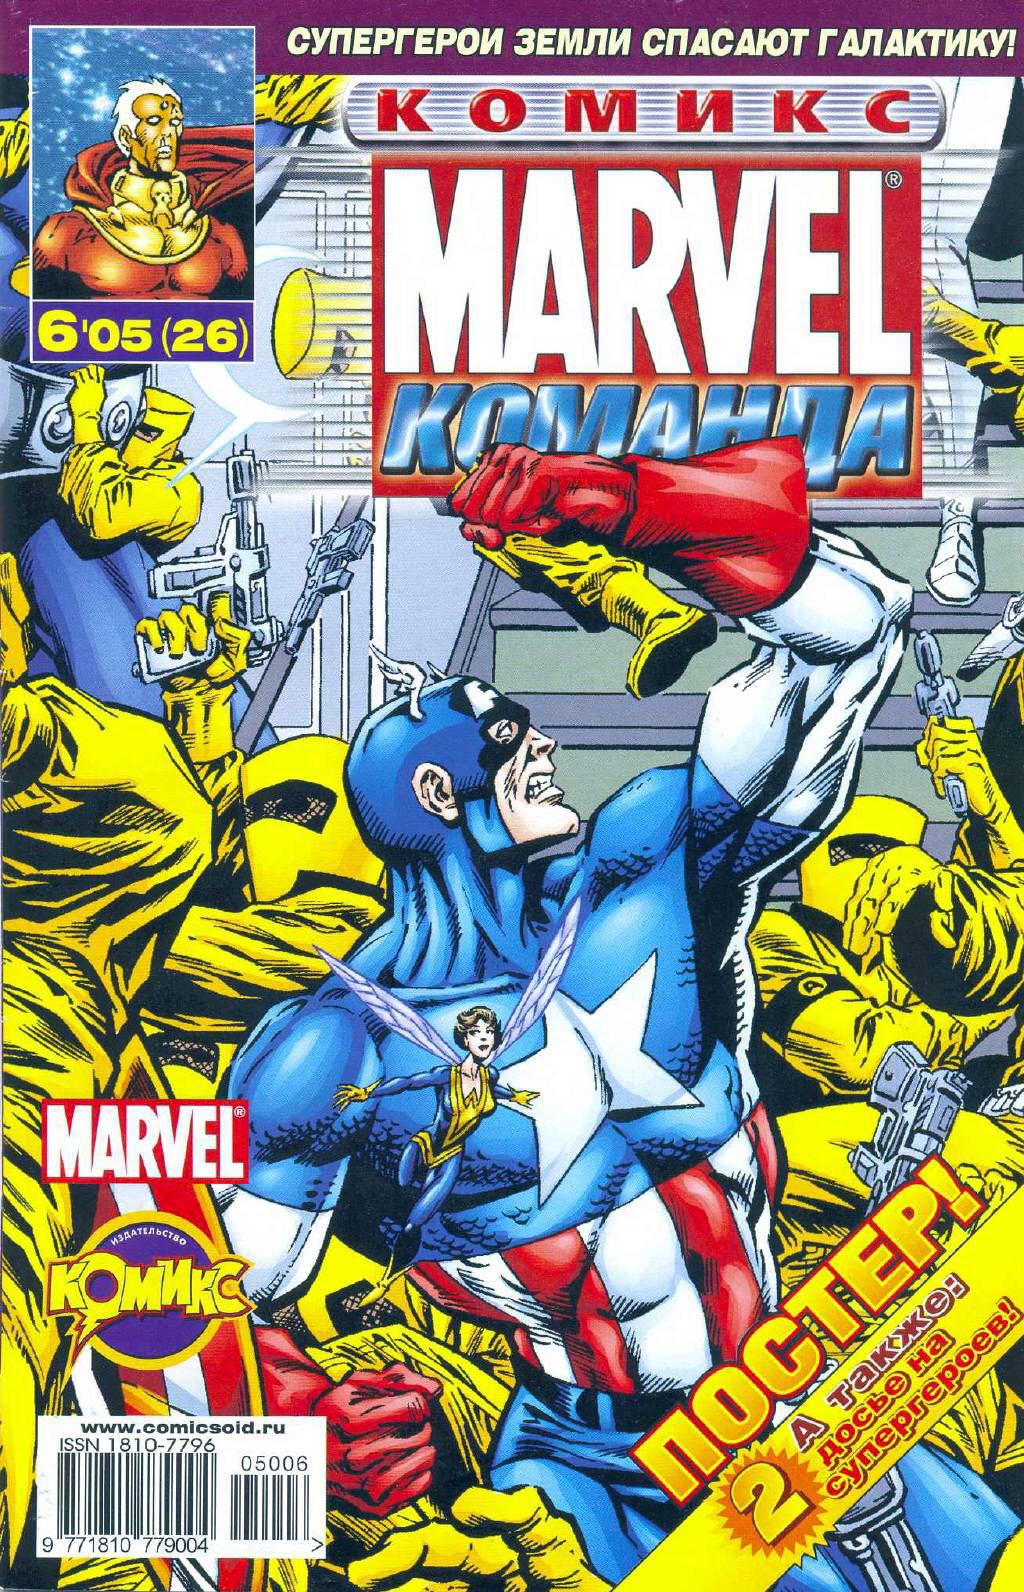 Комиксы Онлайн - Марвел Команда ИДК - # 2 - Страница №1 - Marvel Команда ИДК - Marvel Команда # 26